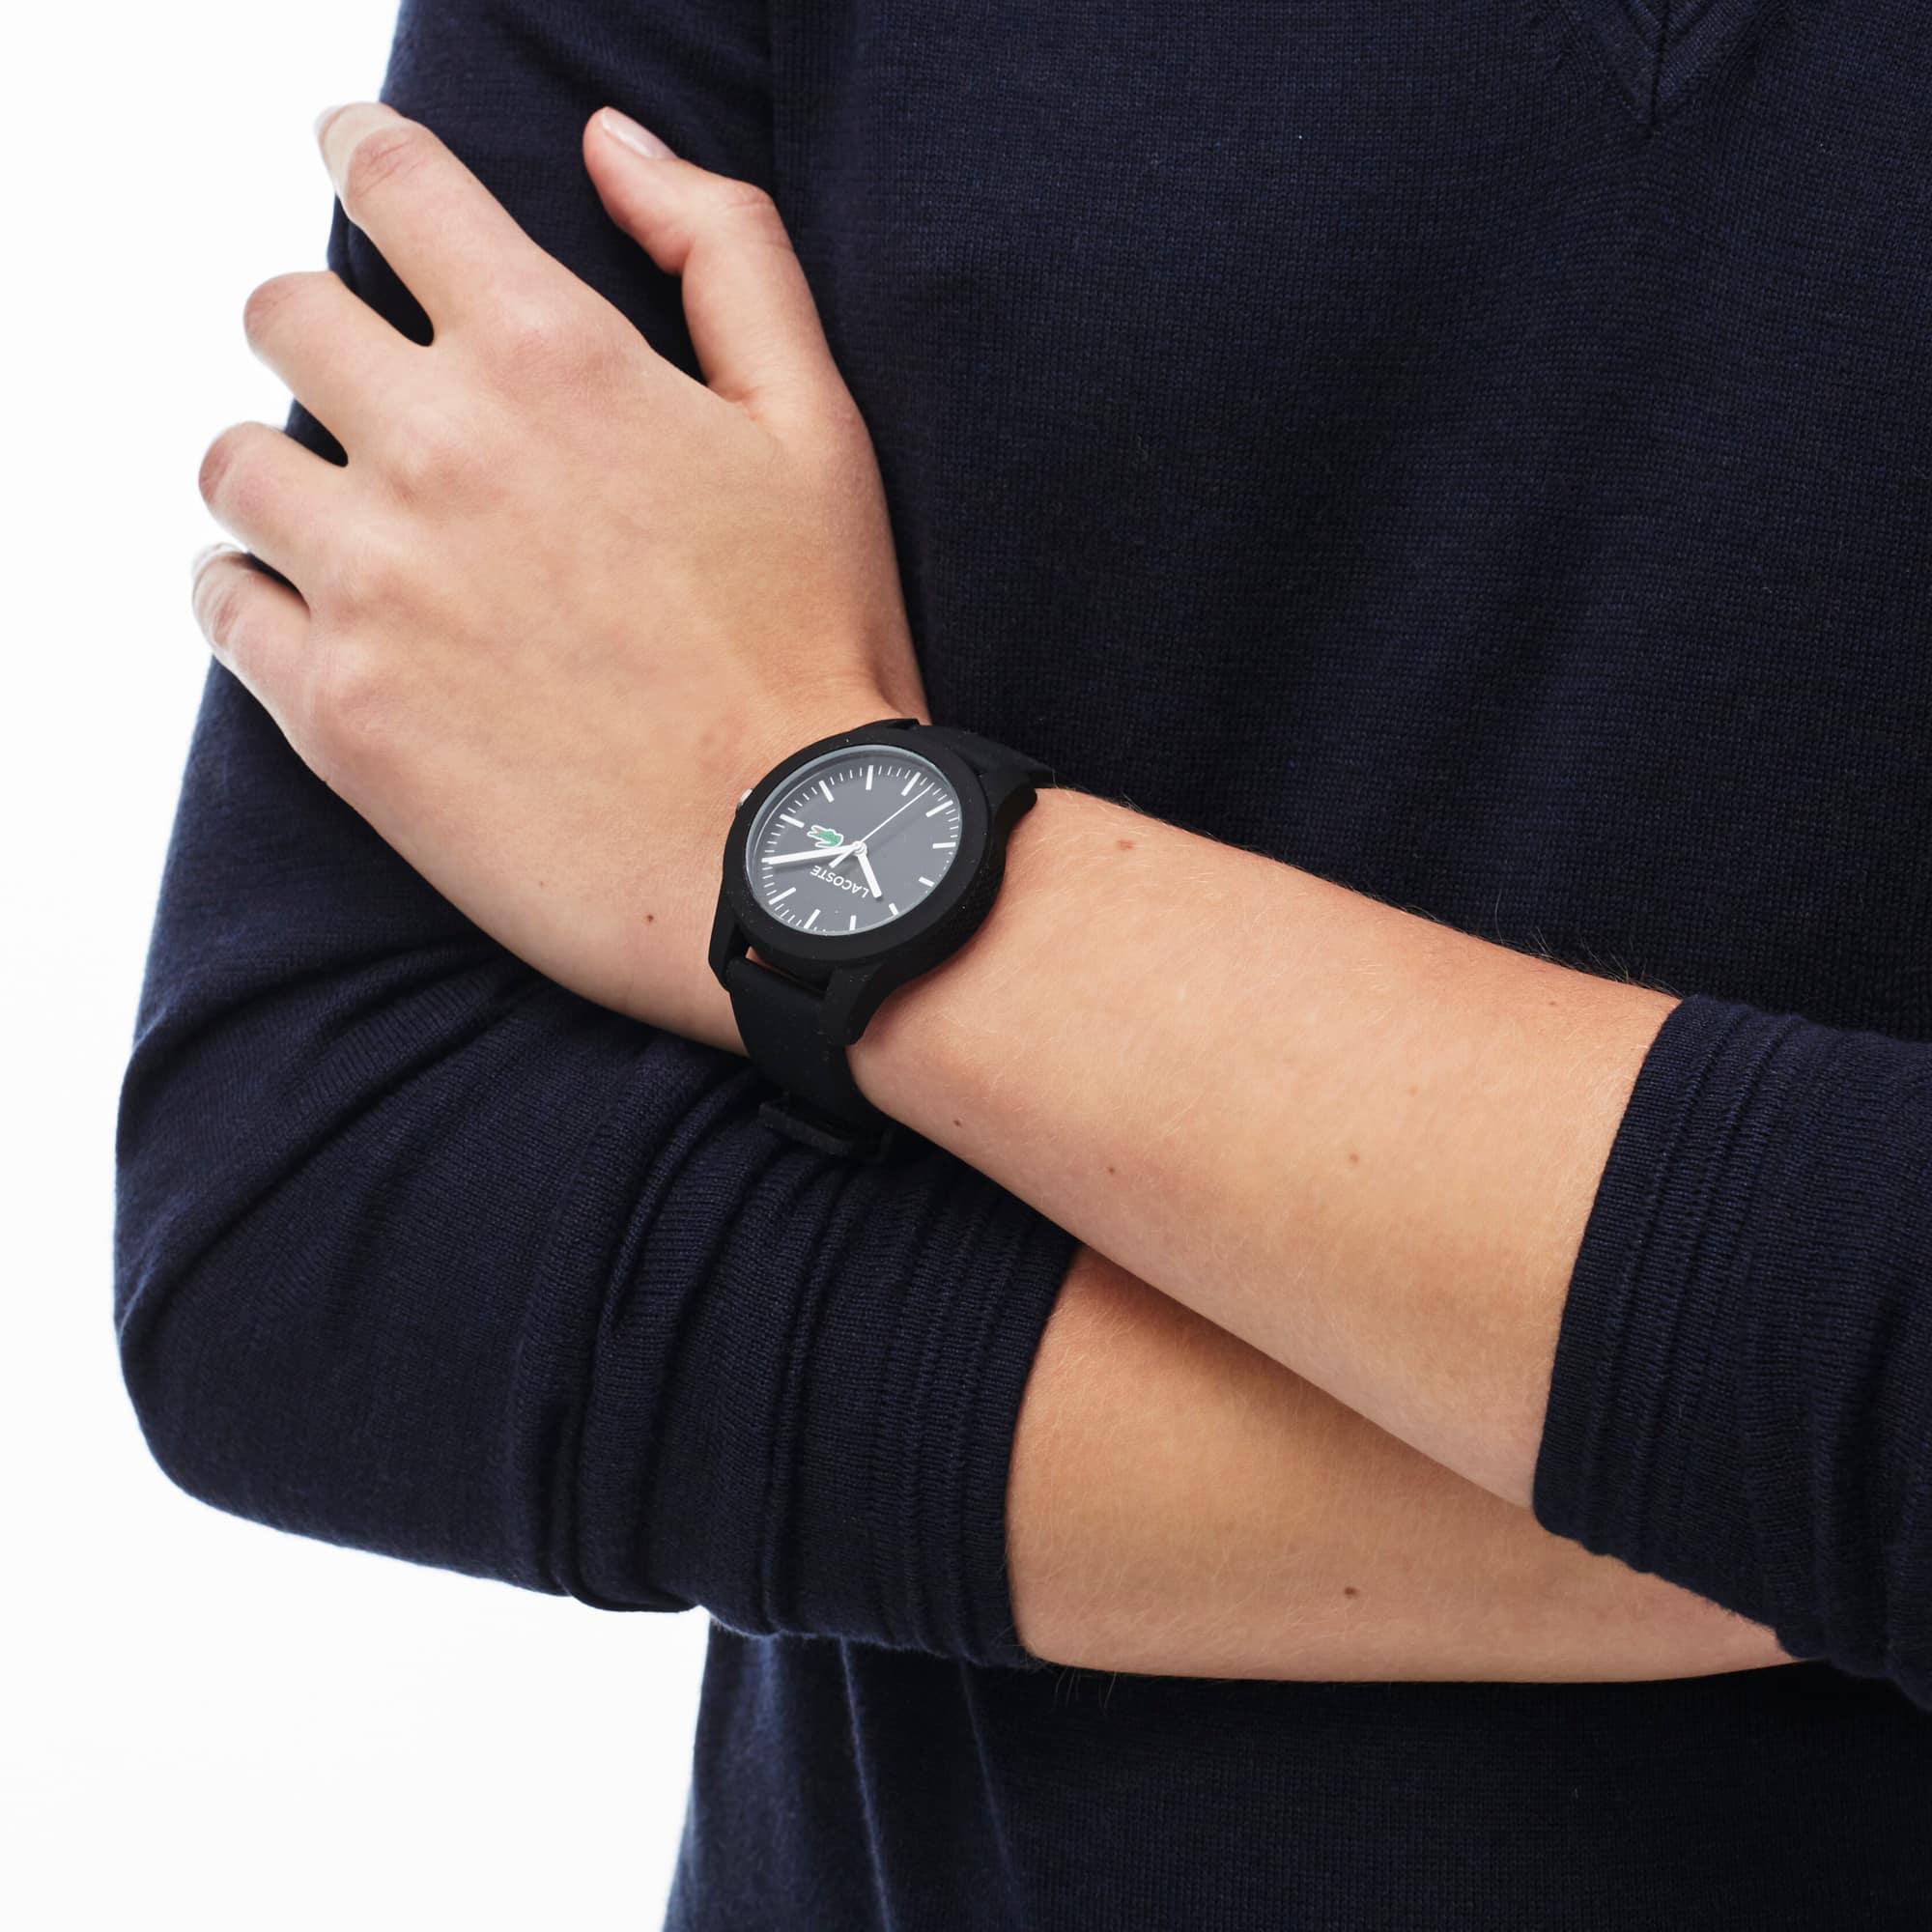 Montre Lacoste.12.12 Femme avec Bracelet en Silicone Noir